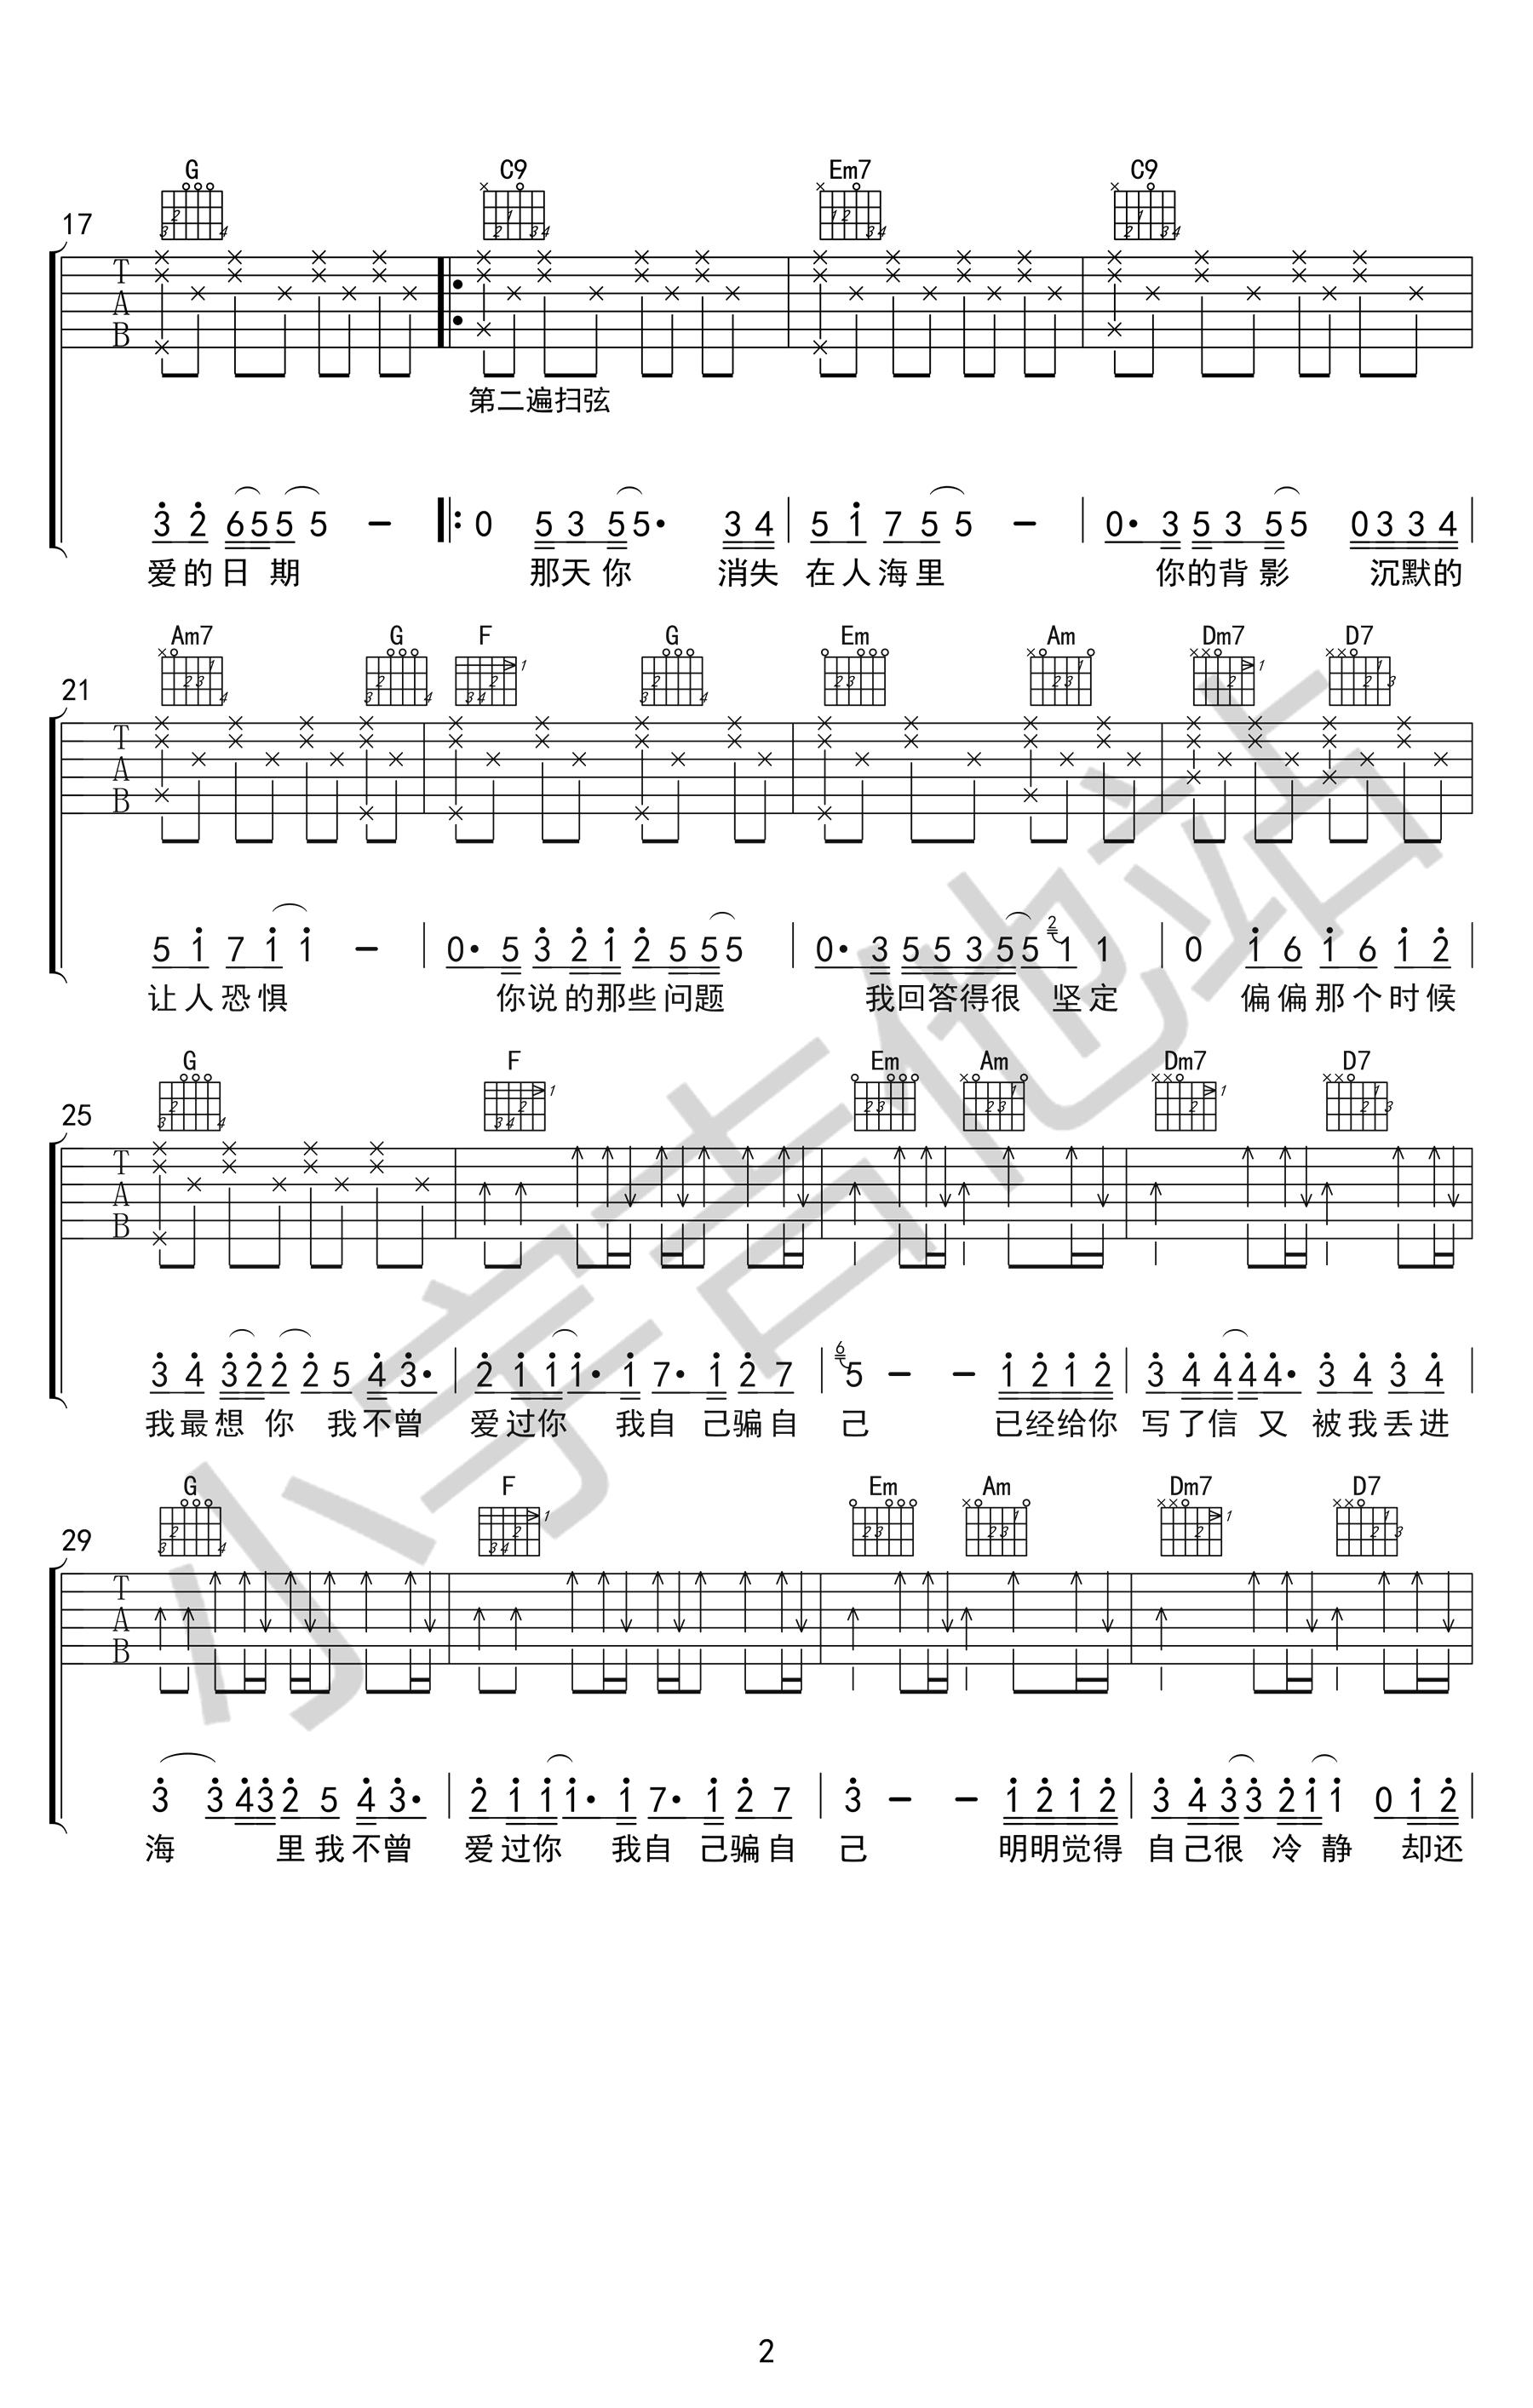 陷阱-王北車-图片吉他谱-2